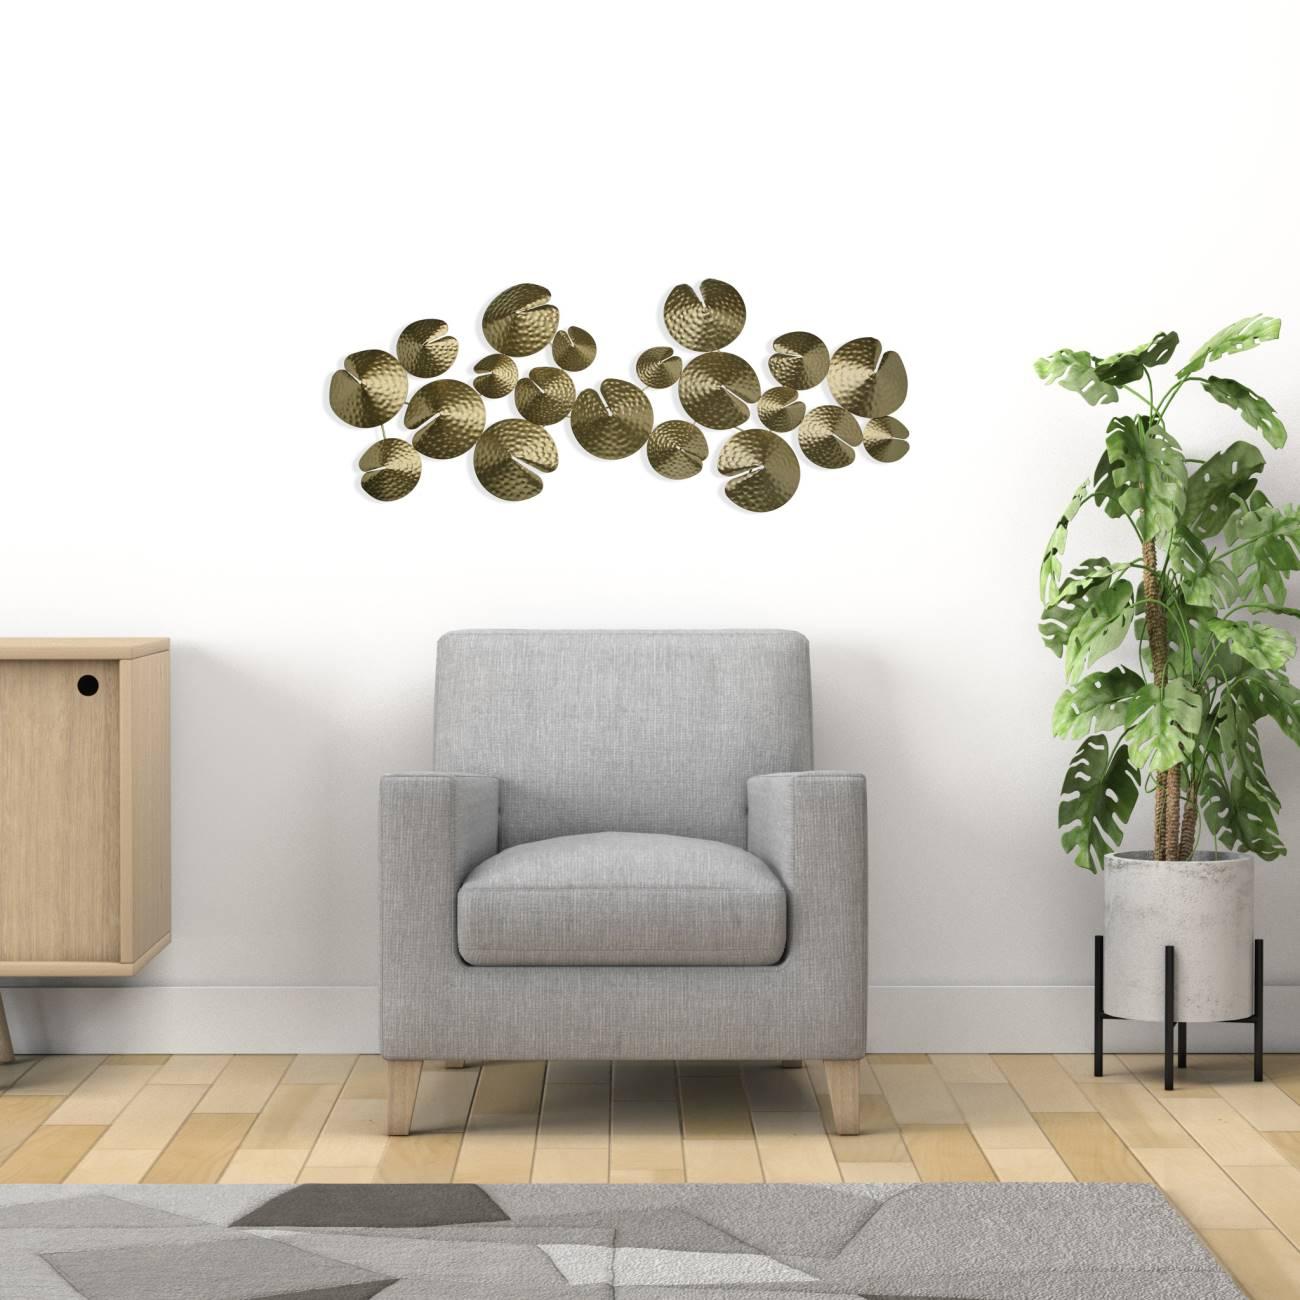 Wanddeko IUTUNA 65x51cm grau braun schwarz Metall Versa Home Wandbild